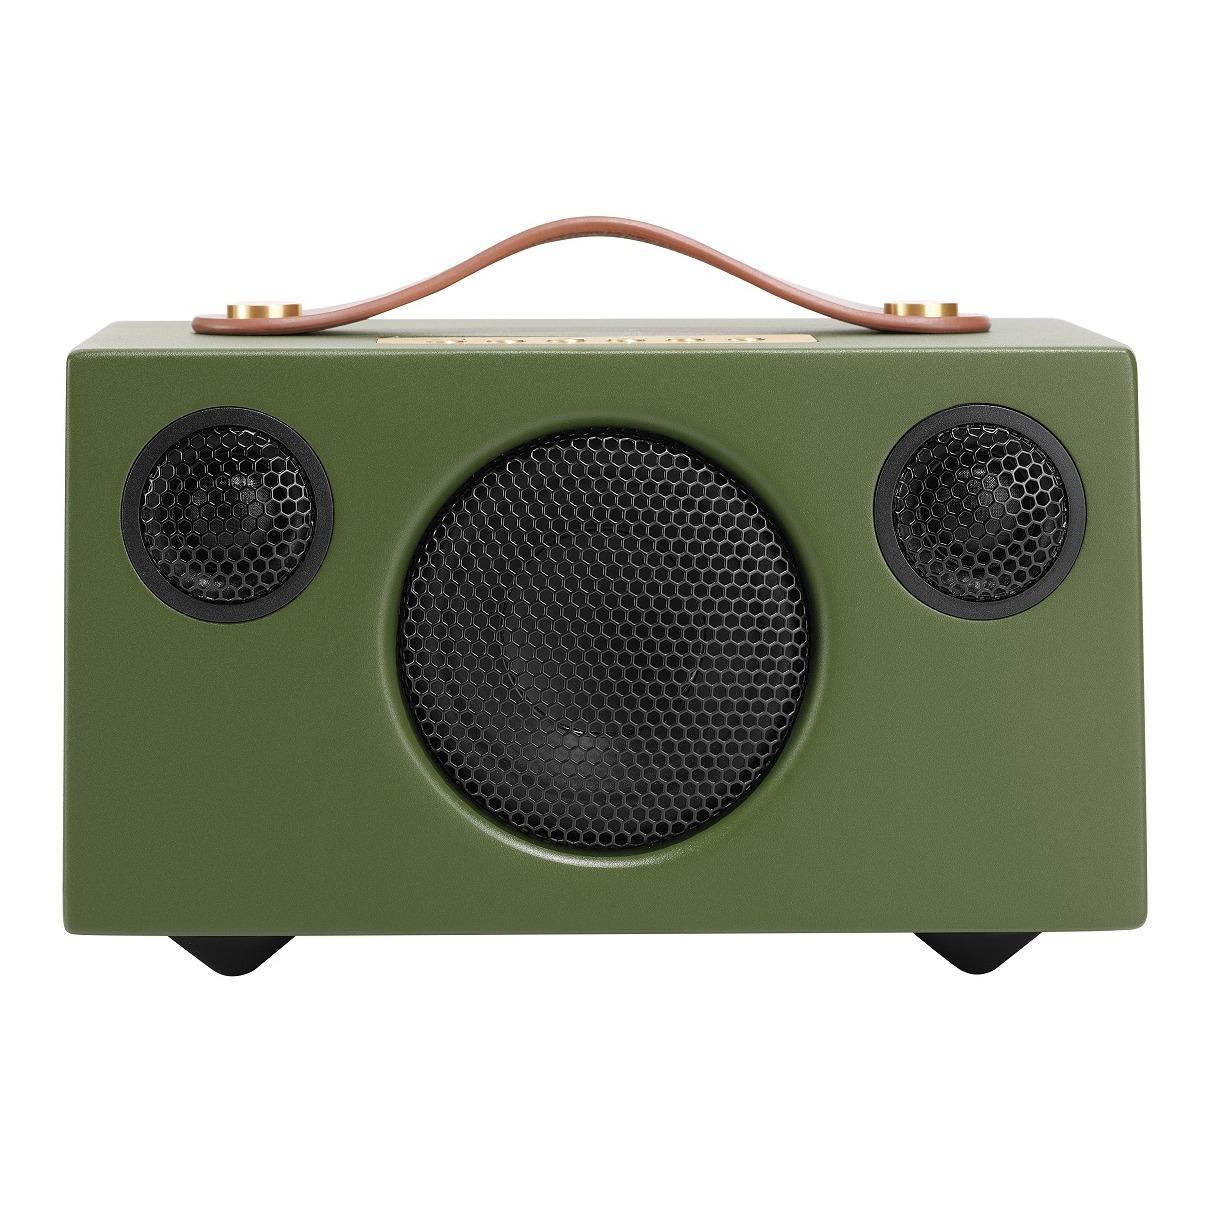 Afbeelding van Audio Pro bluetooth speaker Addon T3 groen